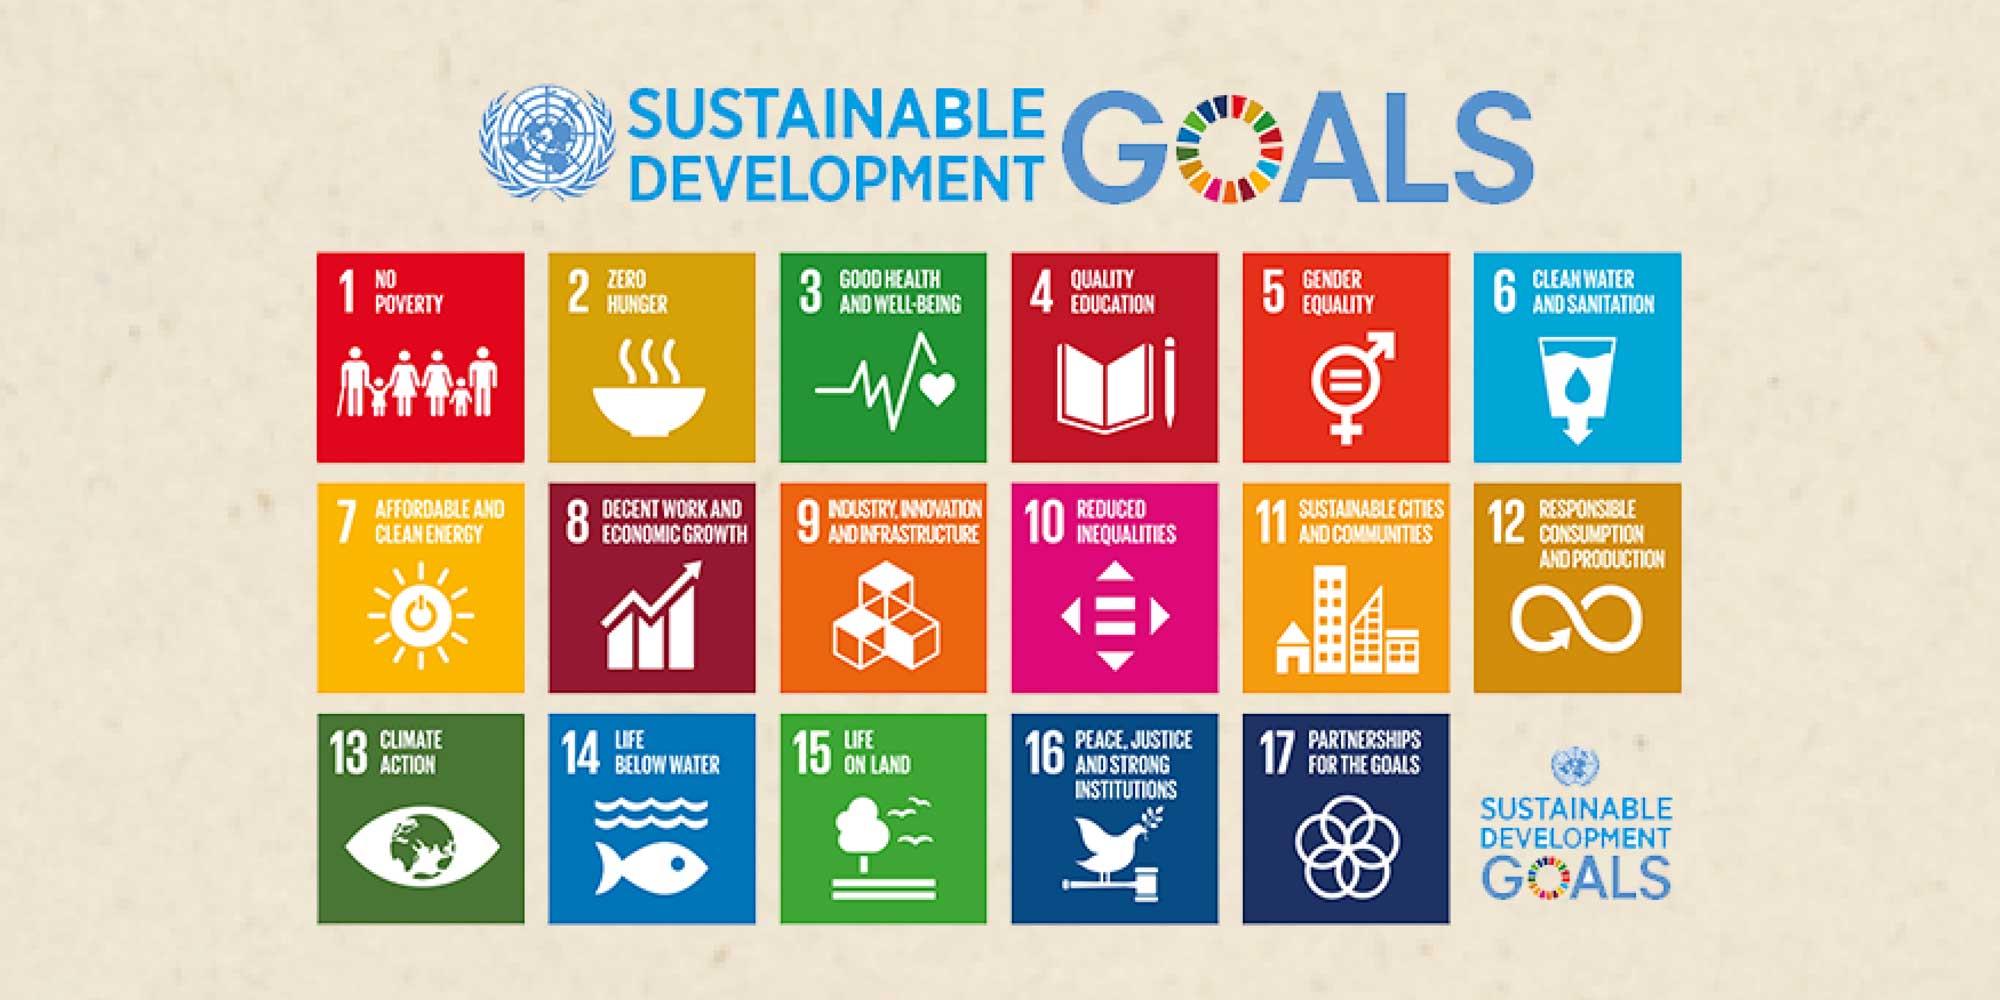 PaperWise sozial verantwortlich umweltfreundlich papier karton SDGs sustainable development goals